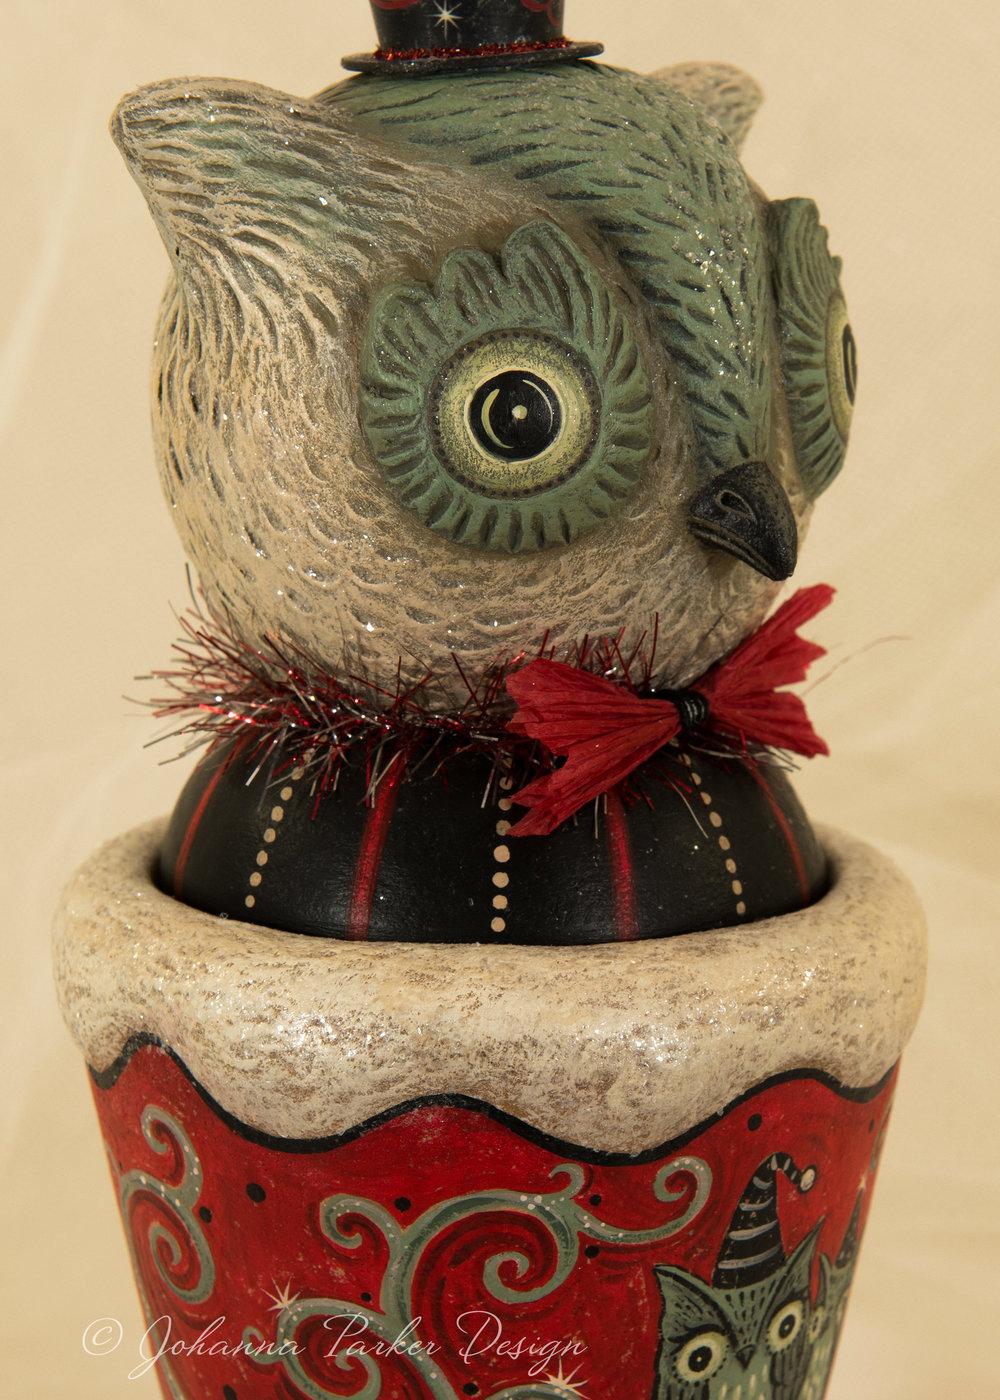 Johanna-Parker-Arthur-Owl-Merriwinter-3.jpg